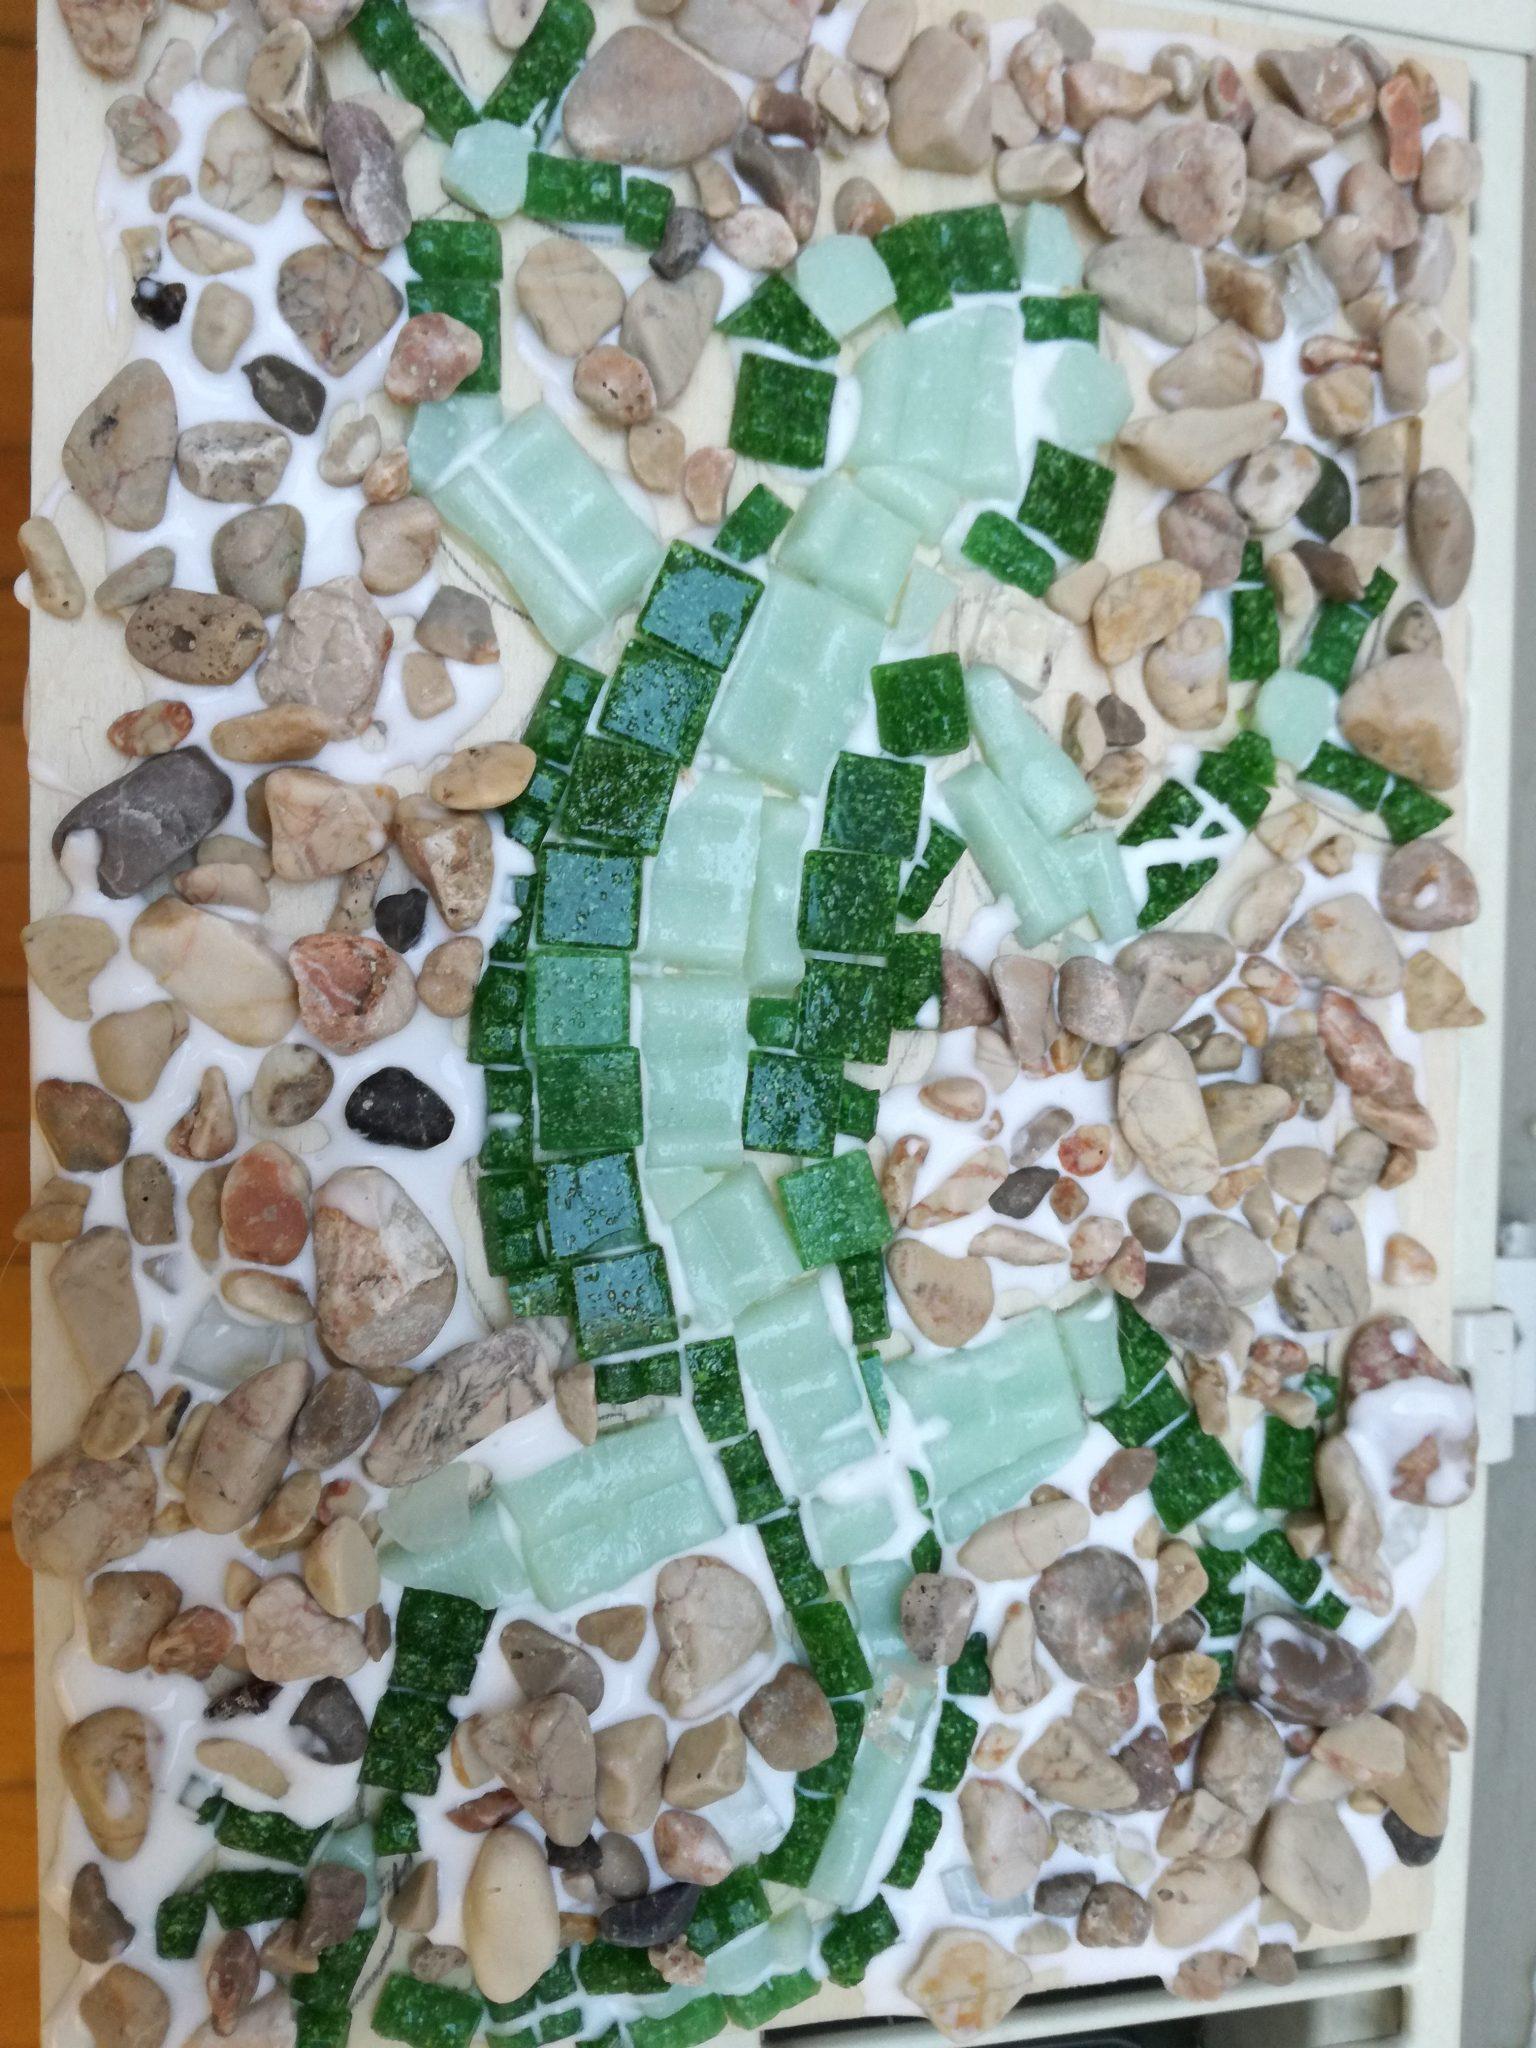 IMG 20190225 163833 - Počitniško izdelovanje mozaikov